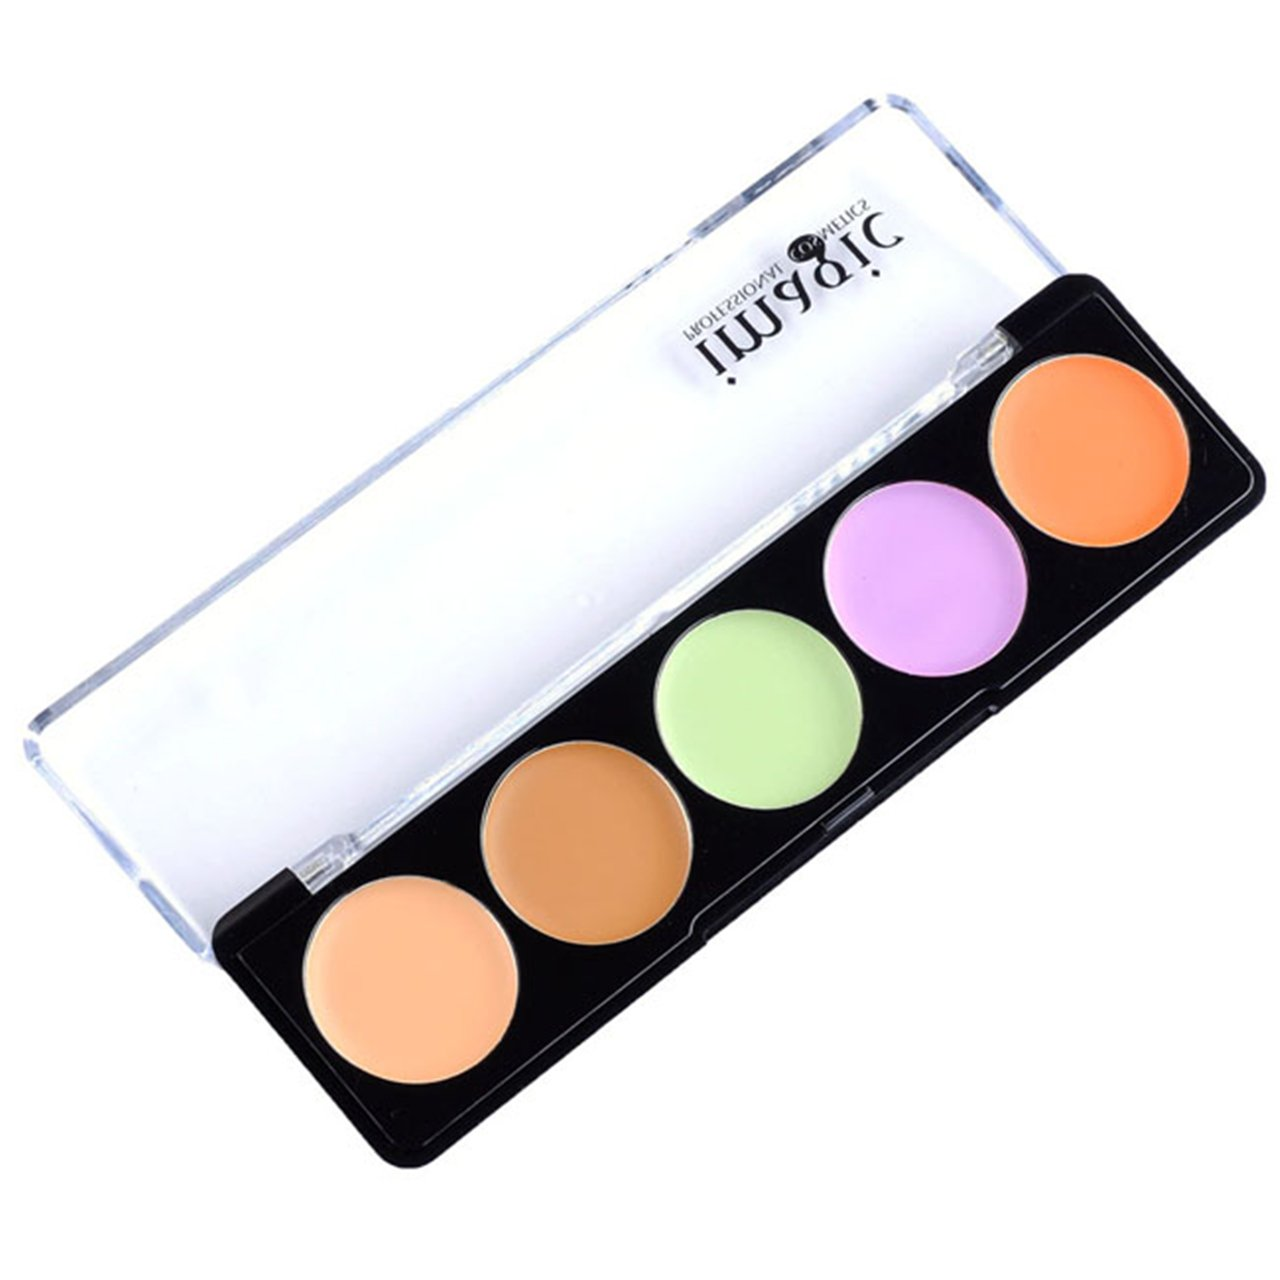 CCbeauty Concealer Palette 10 Colors Foundation Makeup Palette Concealer Camouflage Palette Contour Kit Face Makeup 2 Case